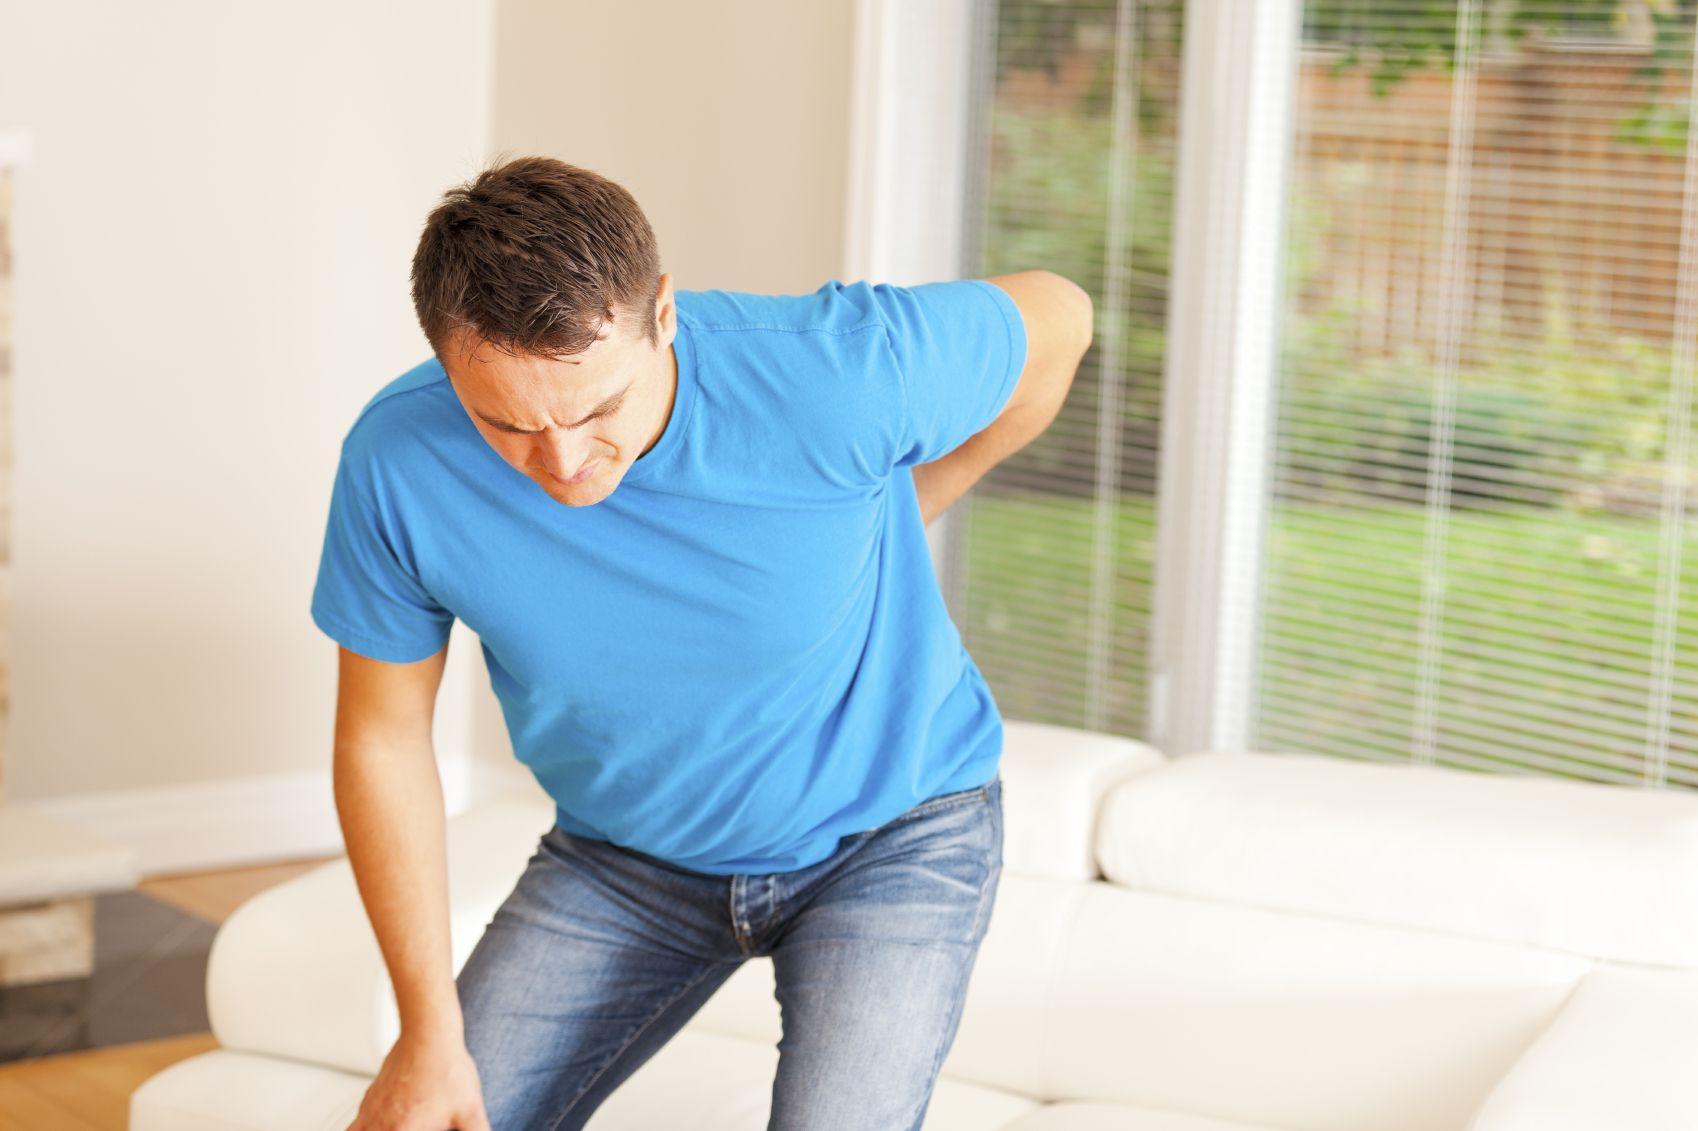 Хроническая боль в спине может быть «записана» в ДНК